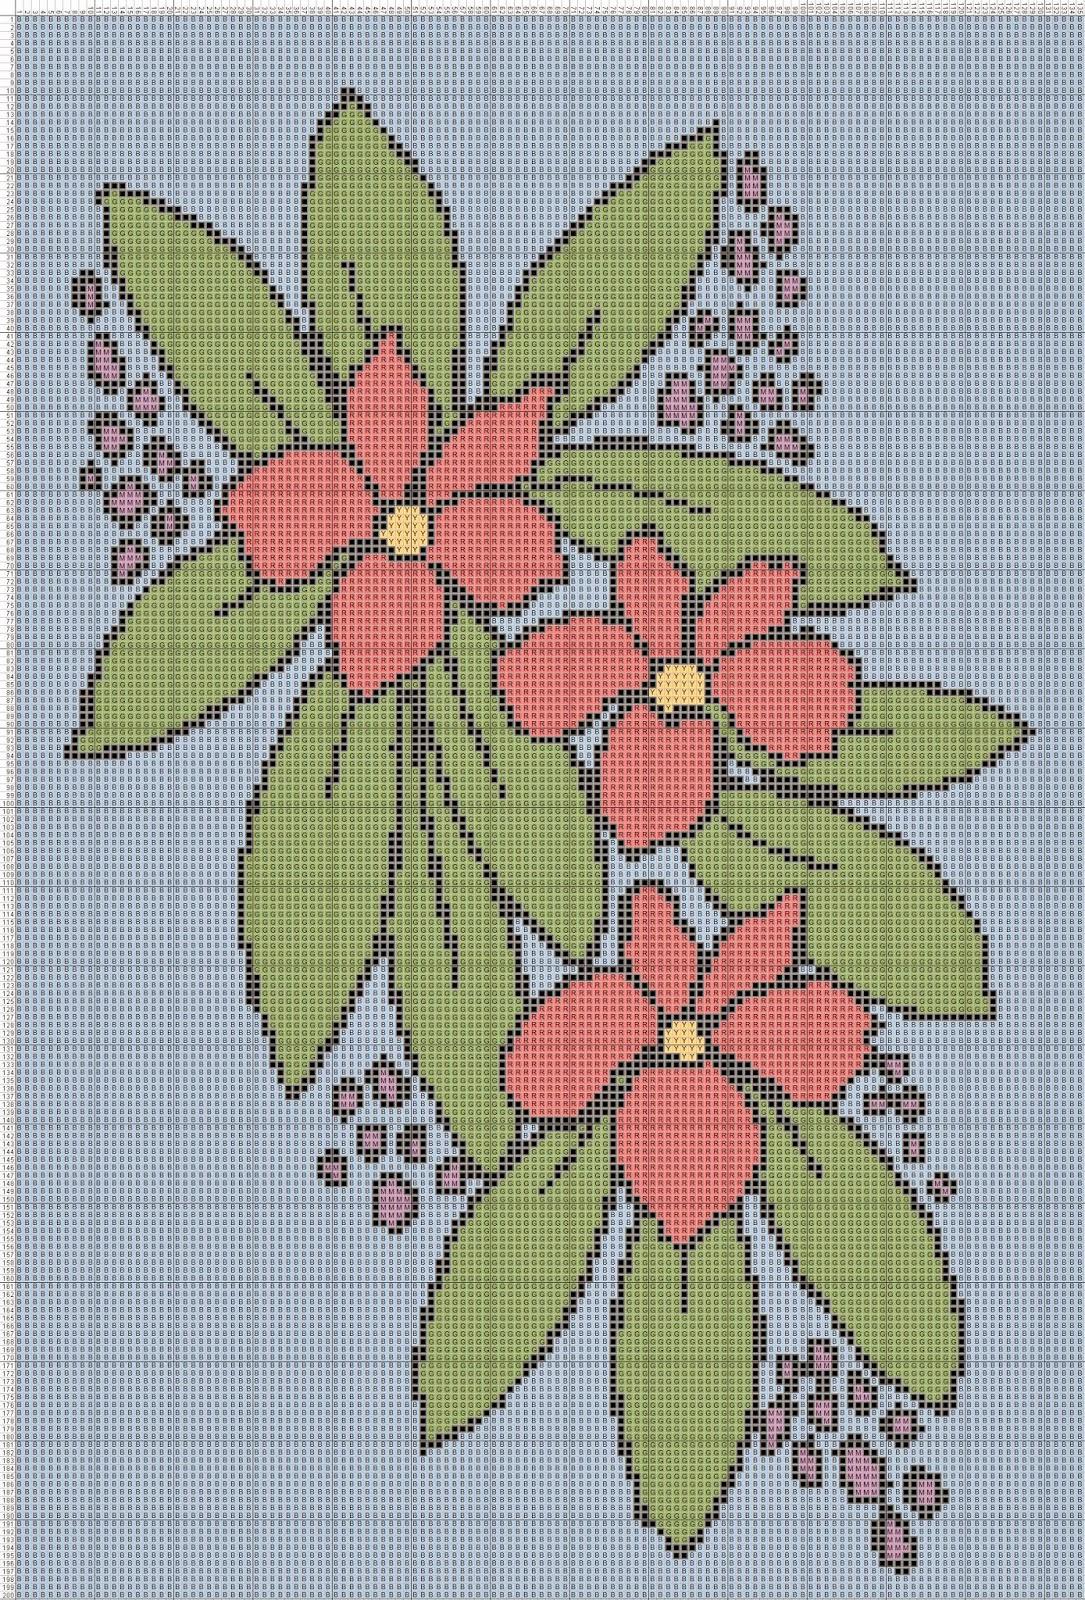 Gambar Pola Kristik Sederhana Corak Bunga | GambarKristik.com